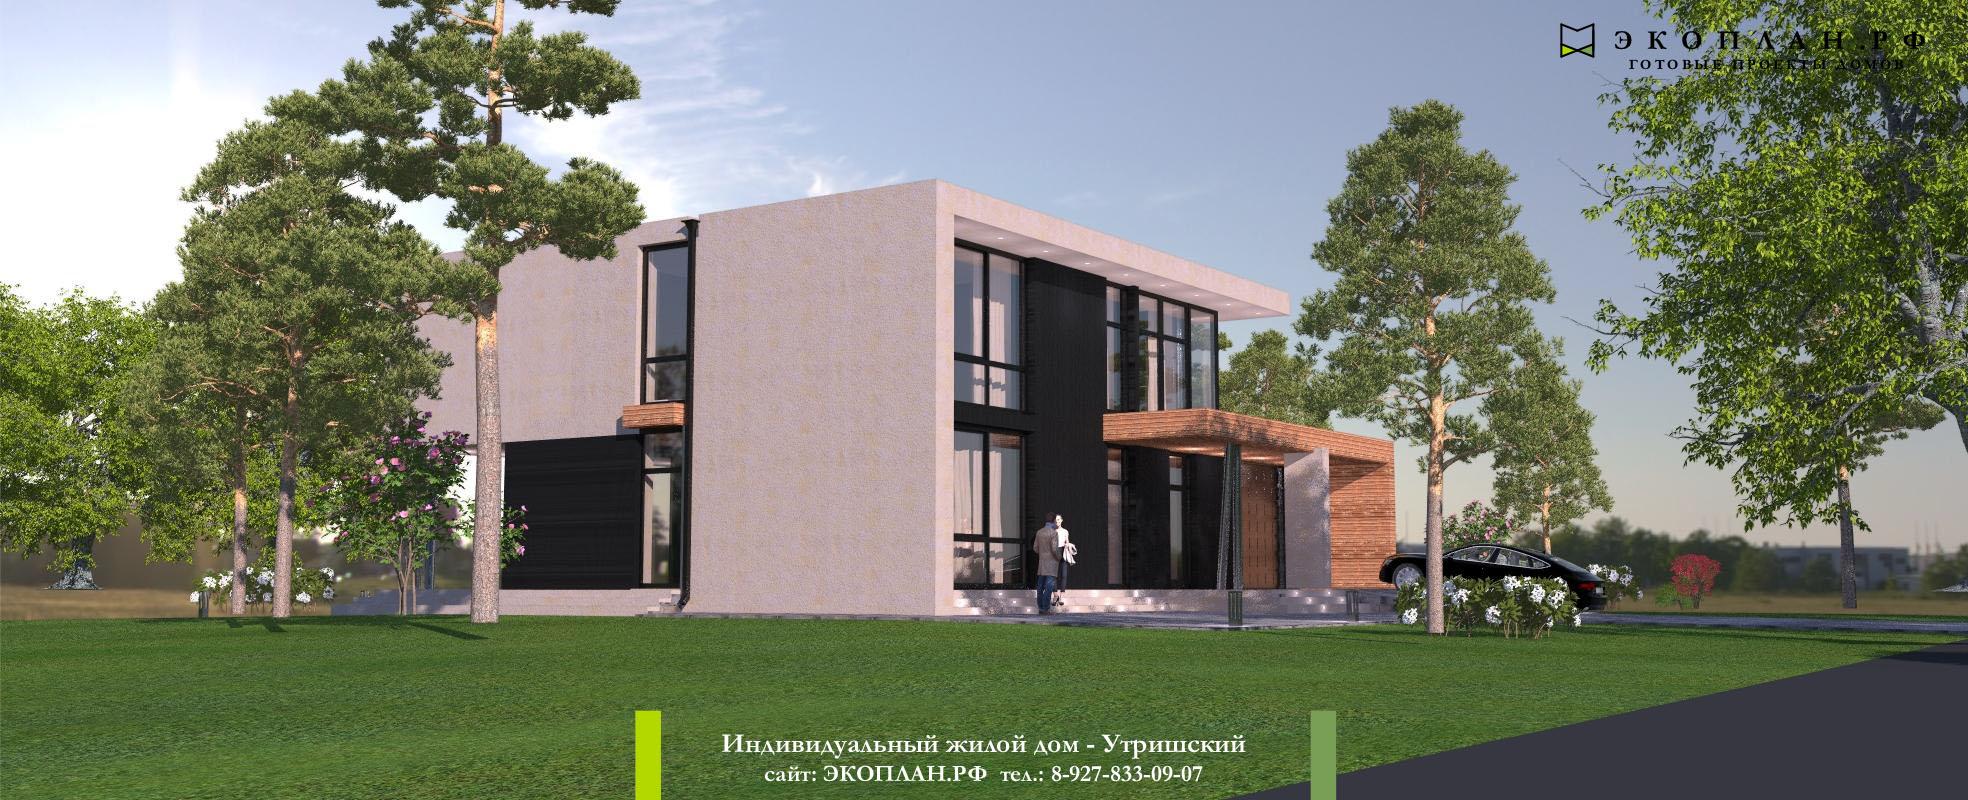 Утришский - Готовый проект дома - Экоплан.рф фасад